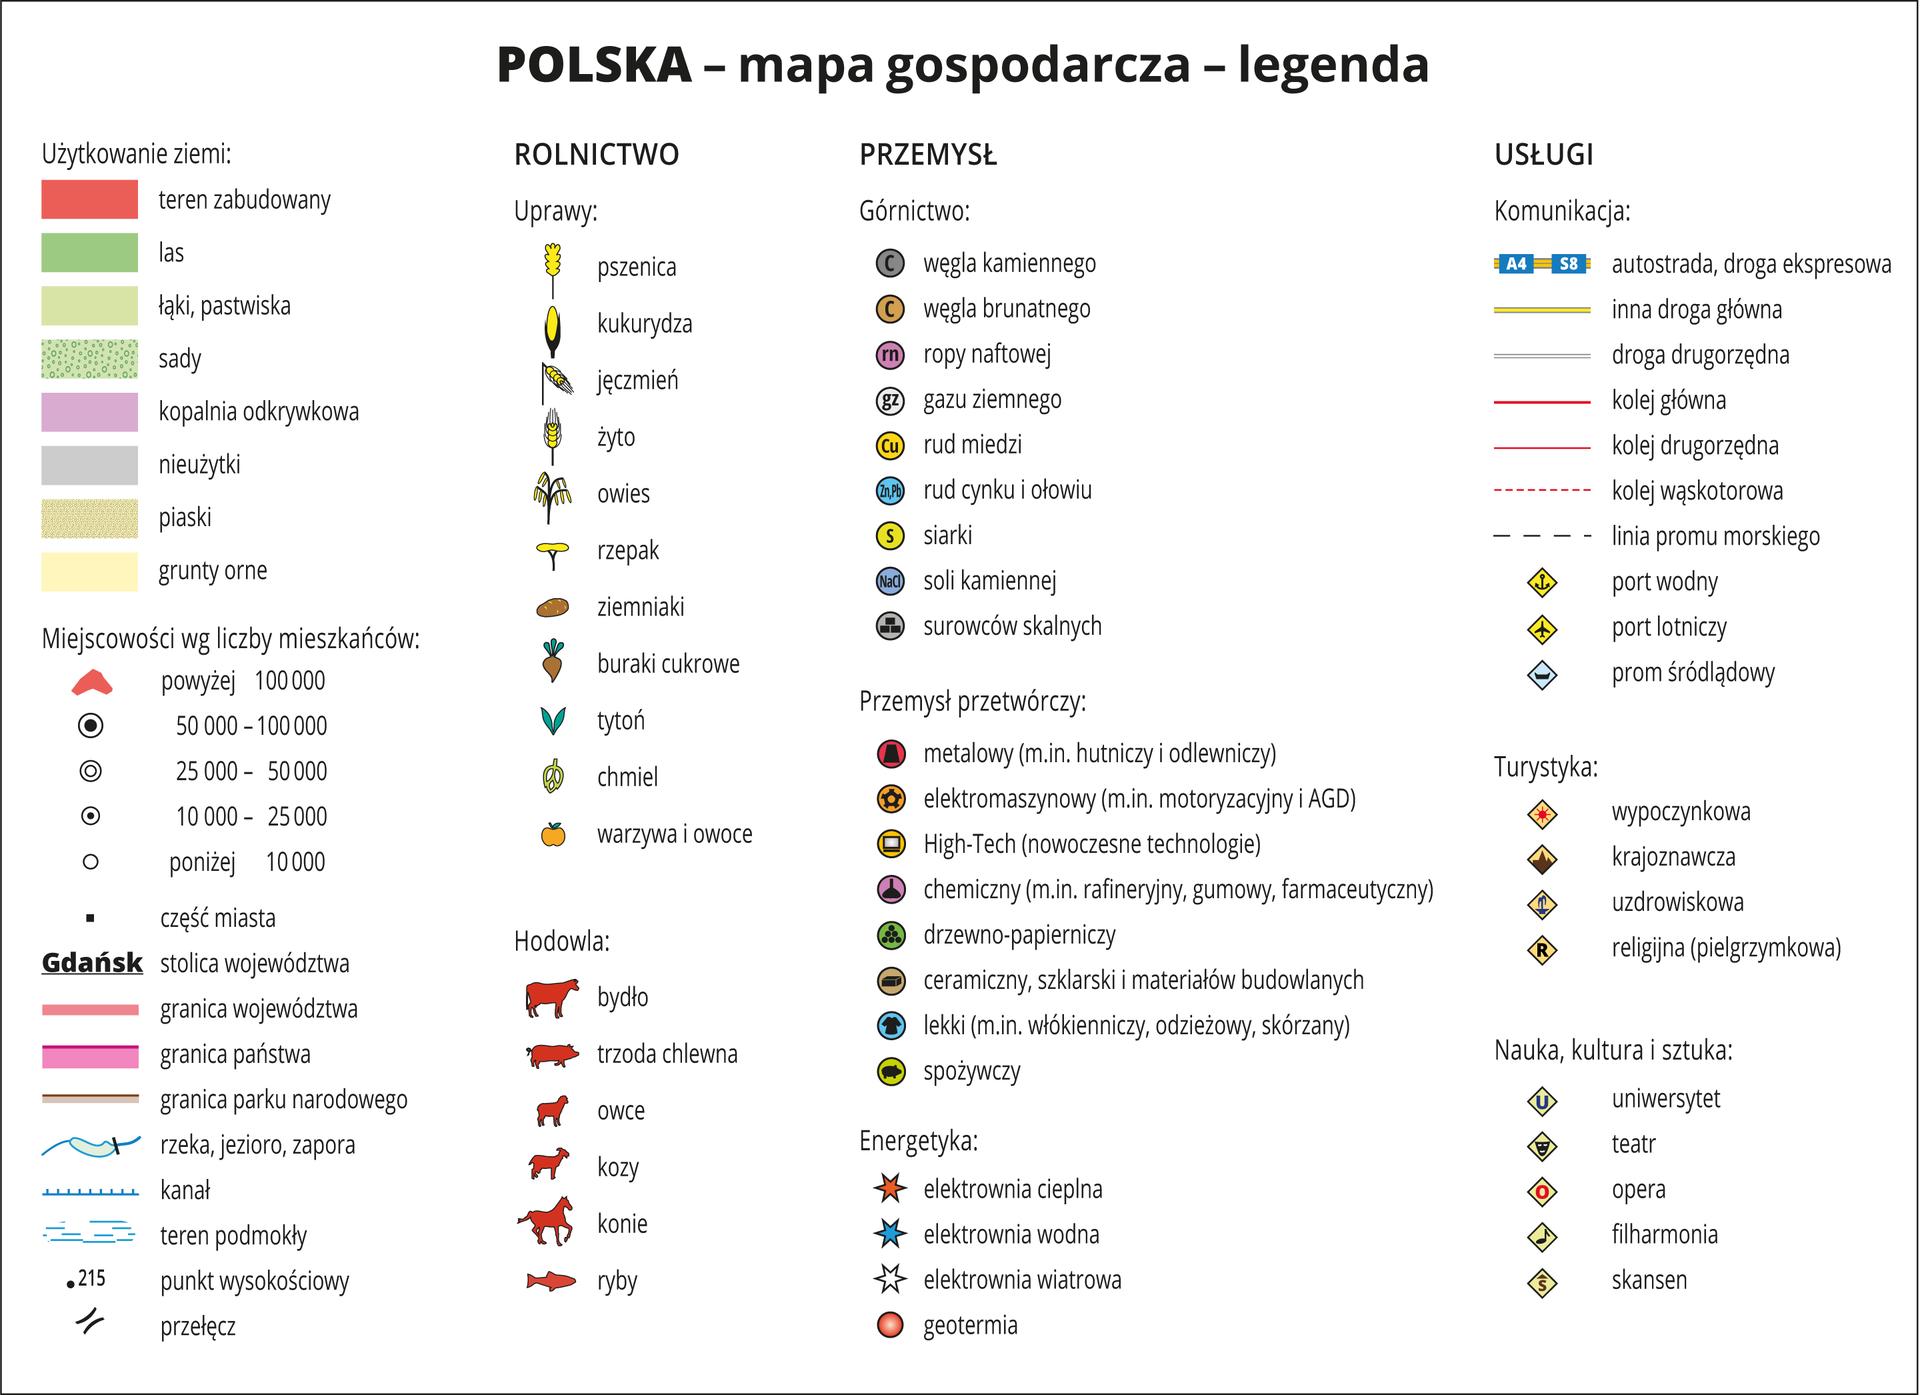 Ilustracja przedstawia legendę do map gospodarczych poszczególnych regionów Polski.